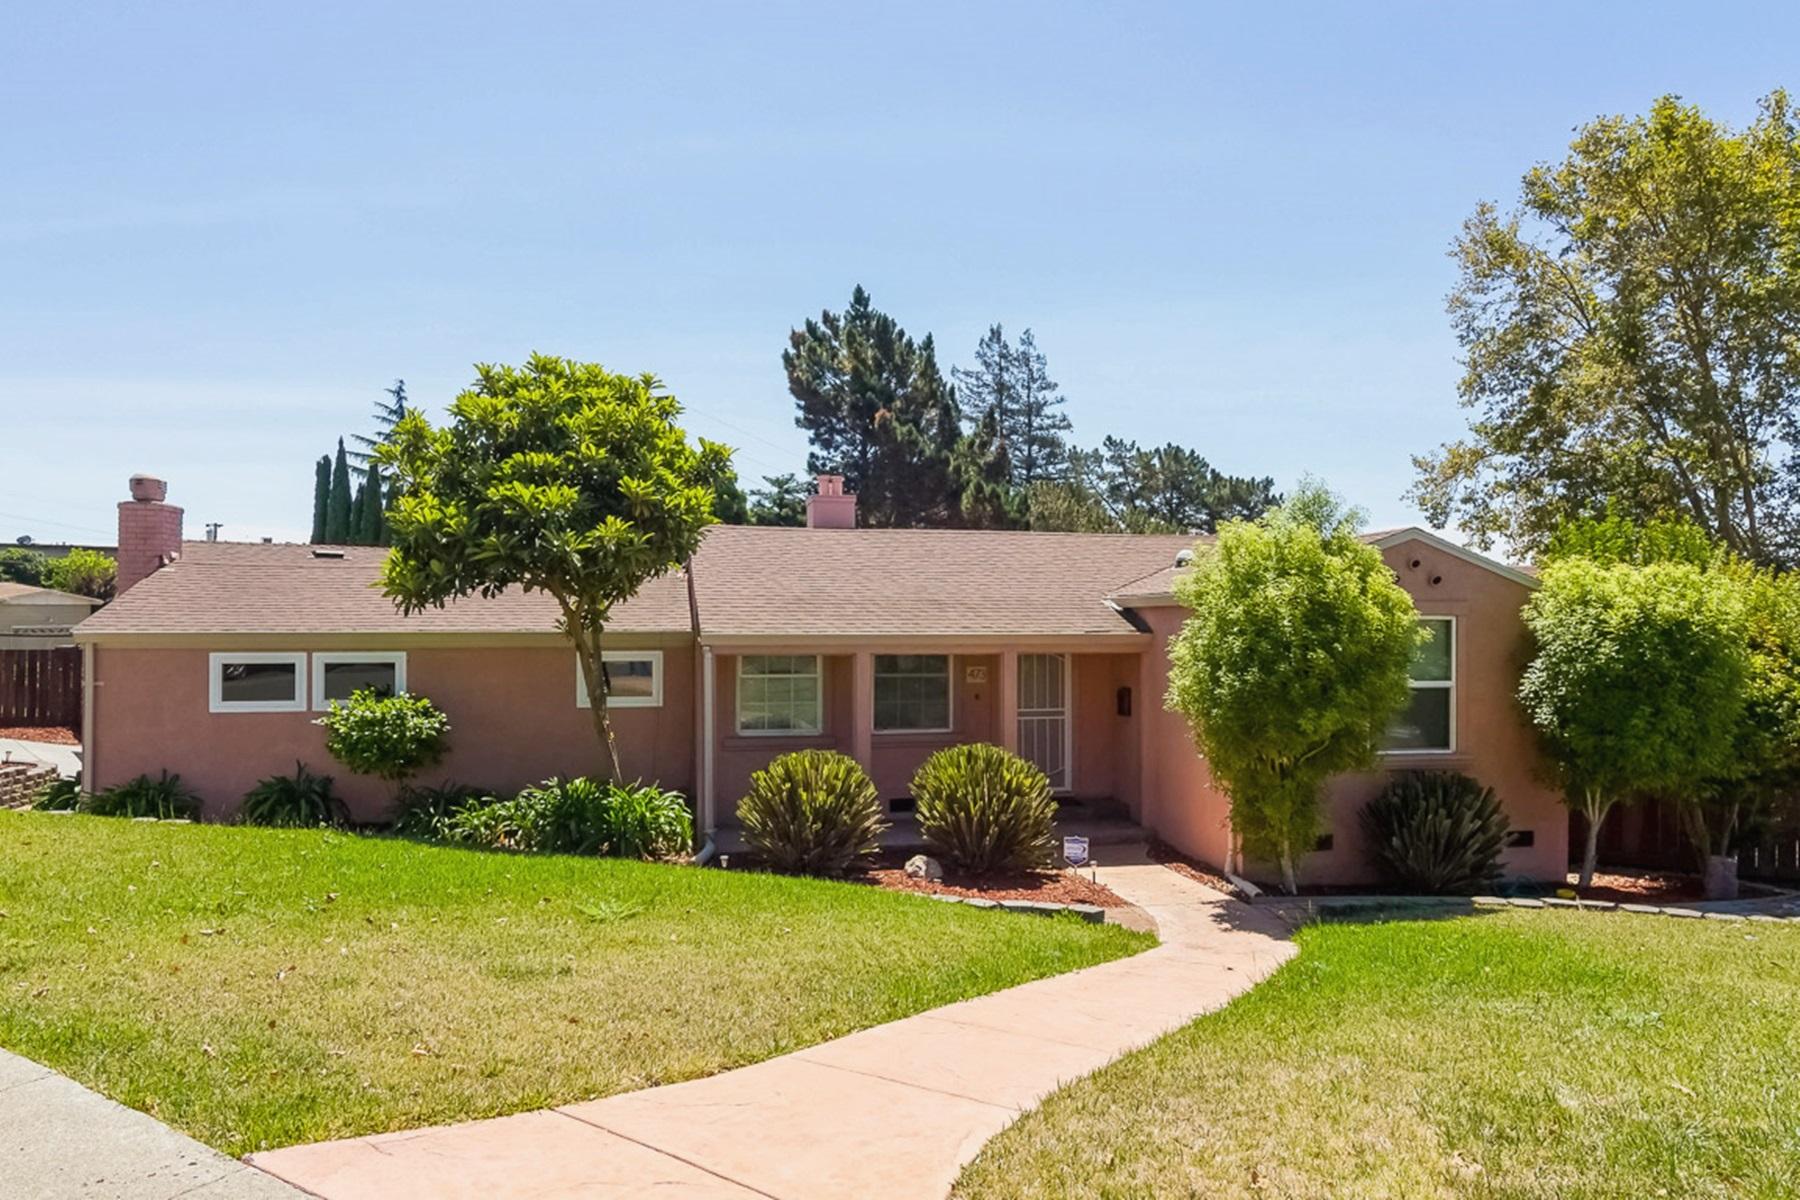 Casa para uma família para Venda às Amazing Ranch Home 473 Moorland Street Vallejo, Califórnia 94589 Estados Unidos